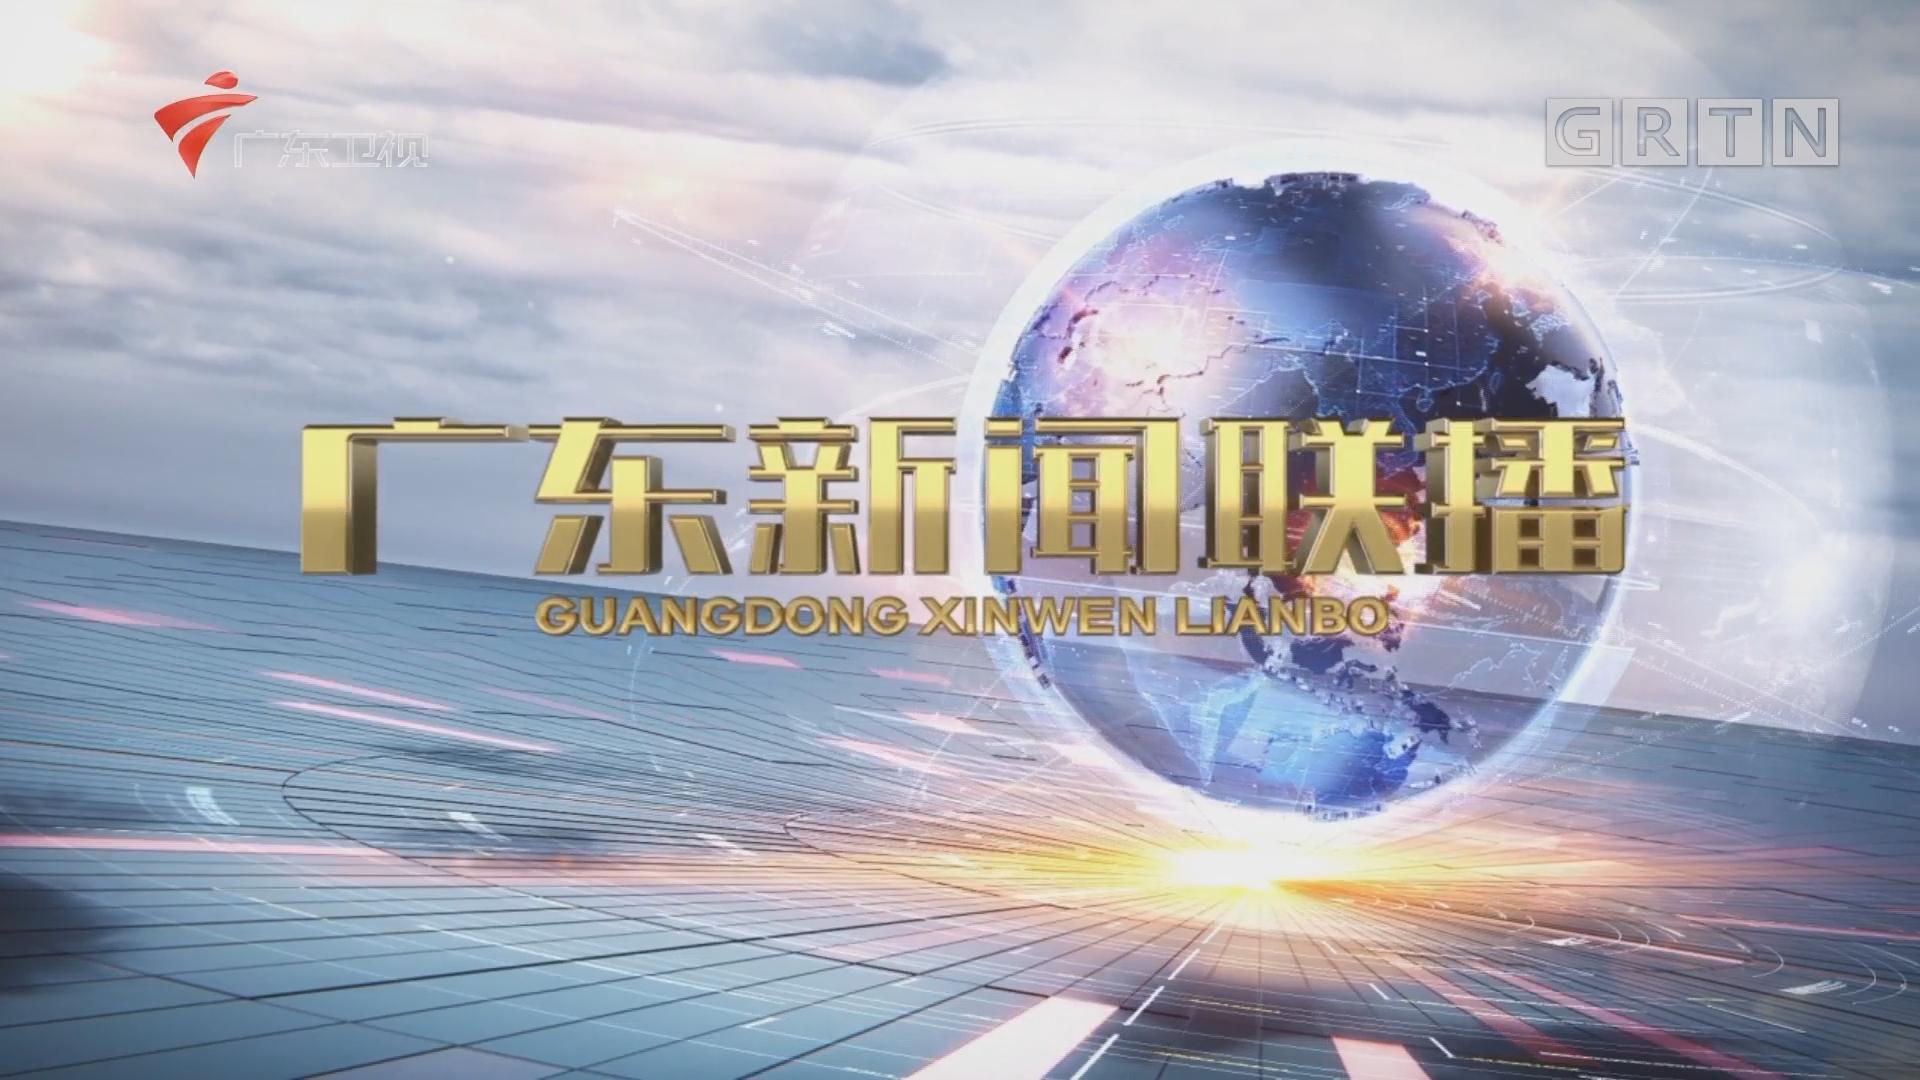 [HD][2019-07-28]广东新闻联播:南方日报发表评论员文章:新起点上推动大湾区建设向纵深发展